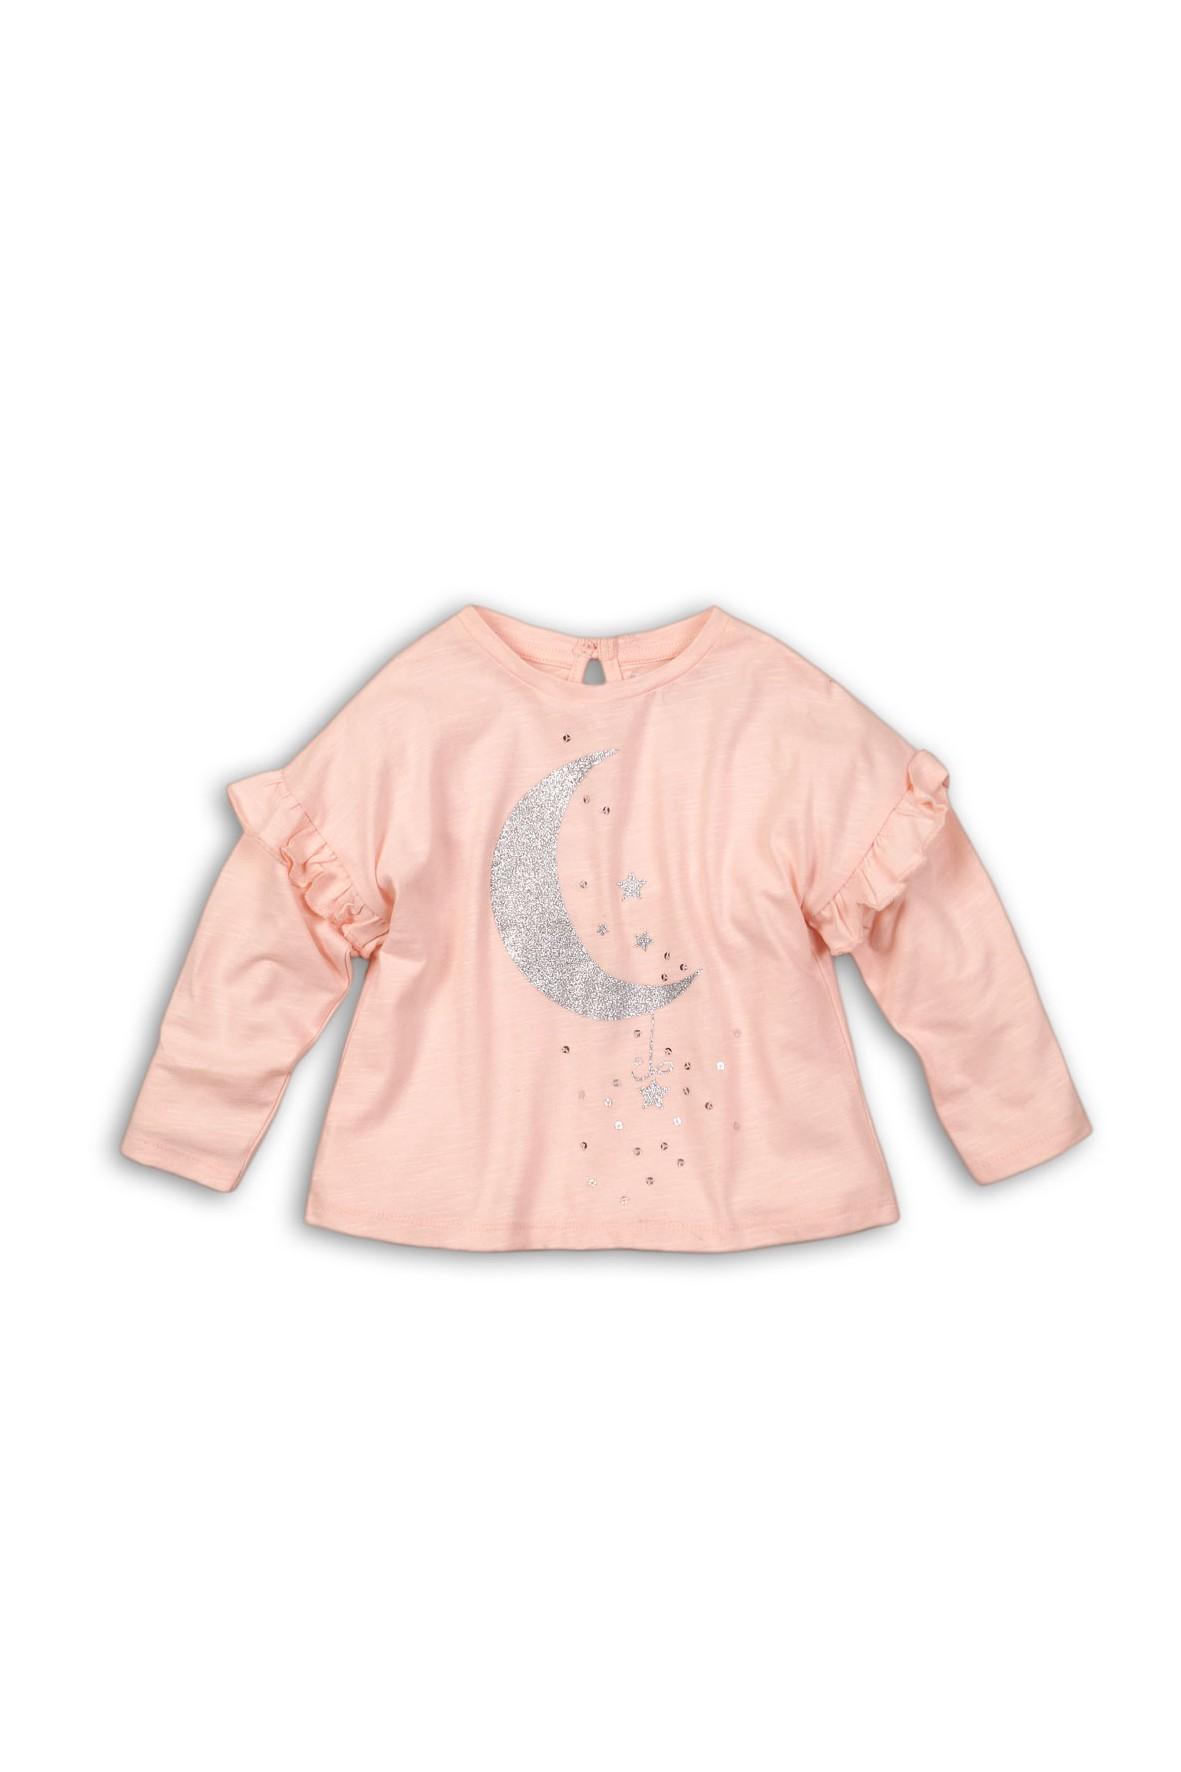 Bluzka dziewczęca różowa z brokatowym księżycem